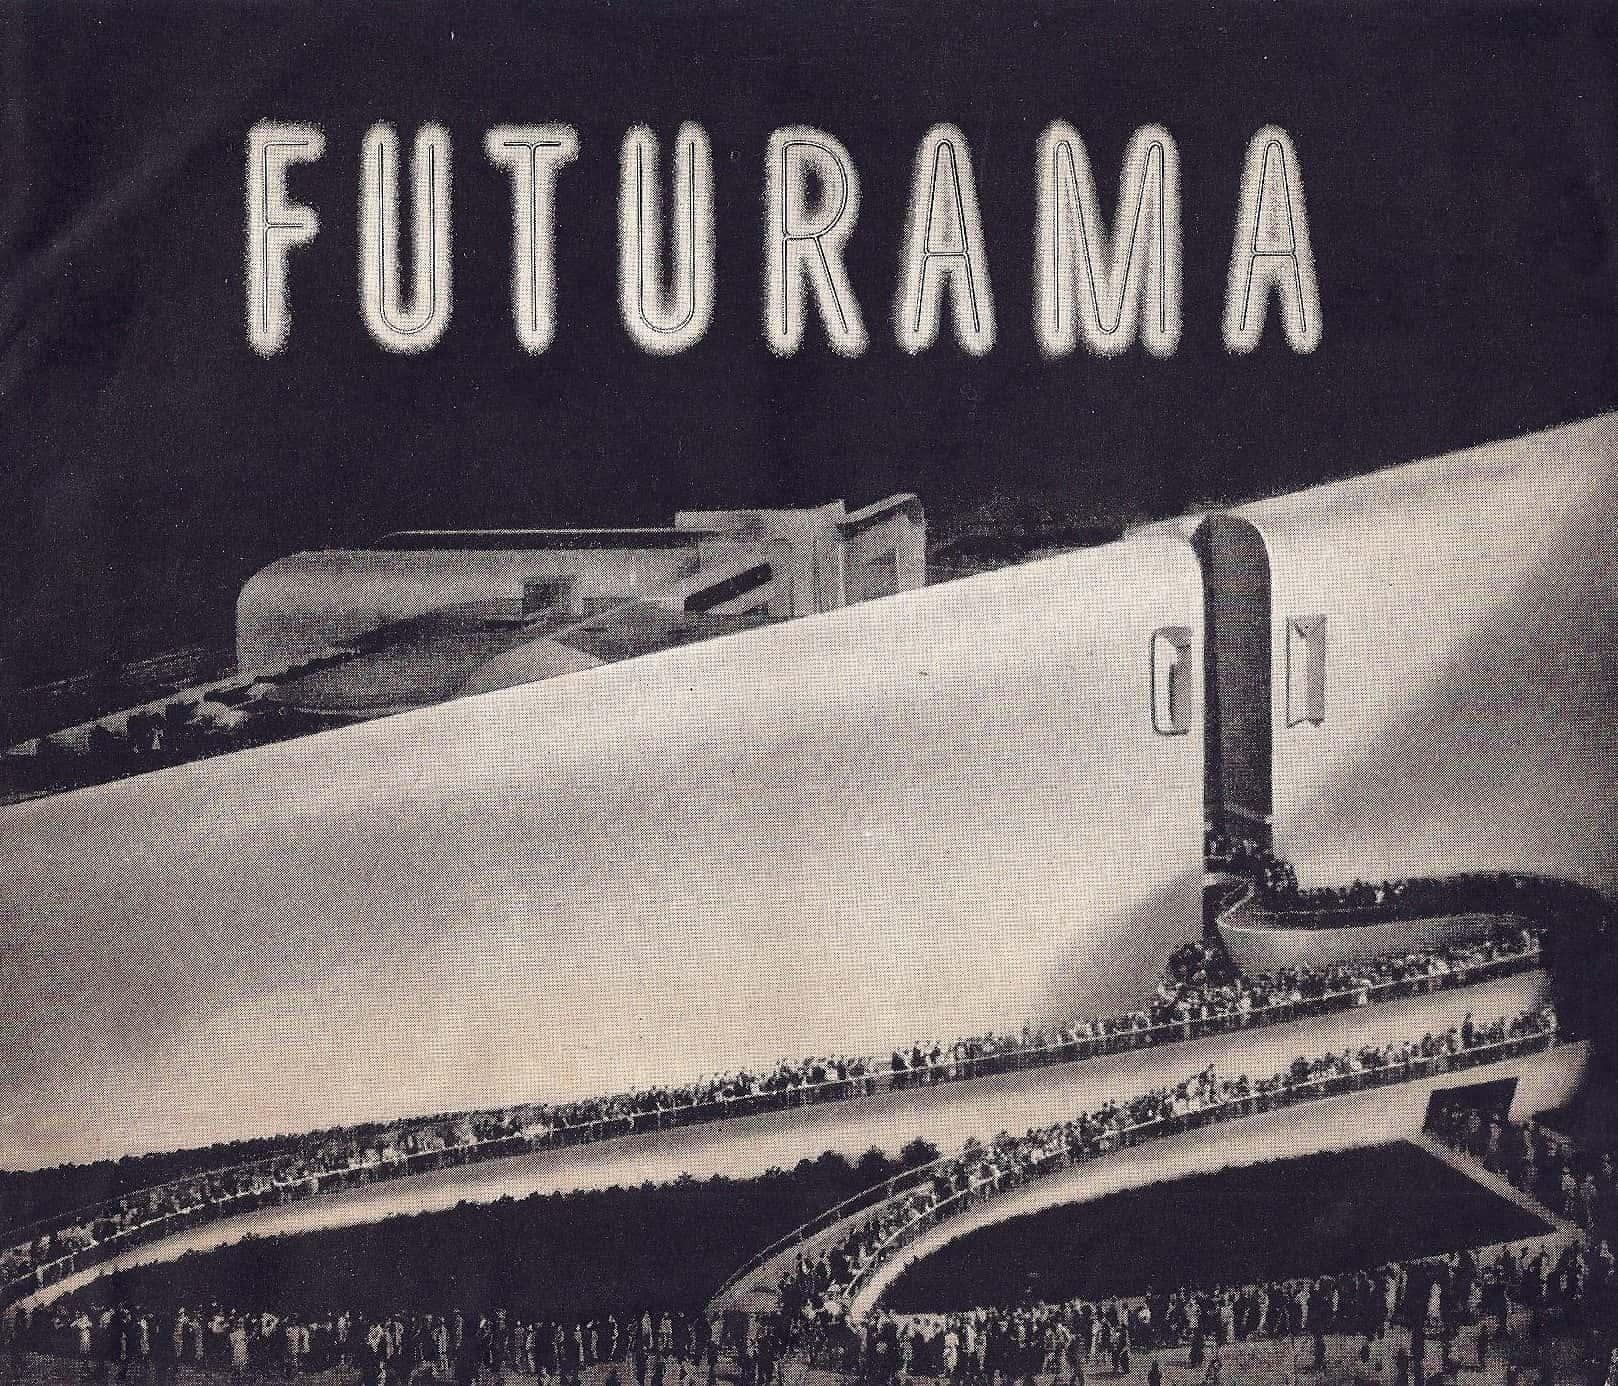 Futurama facts